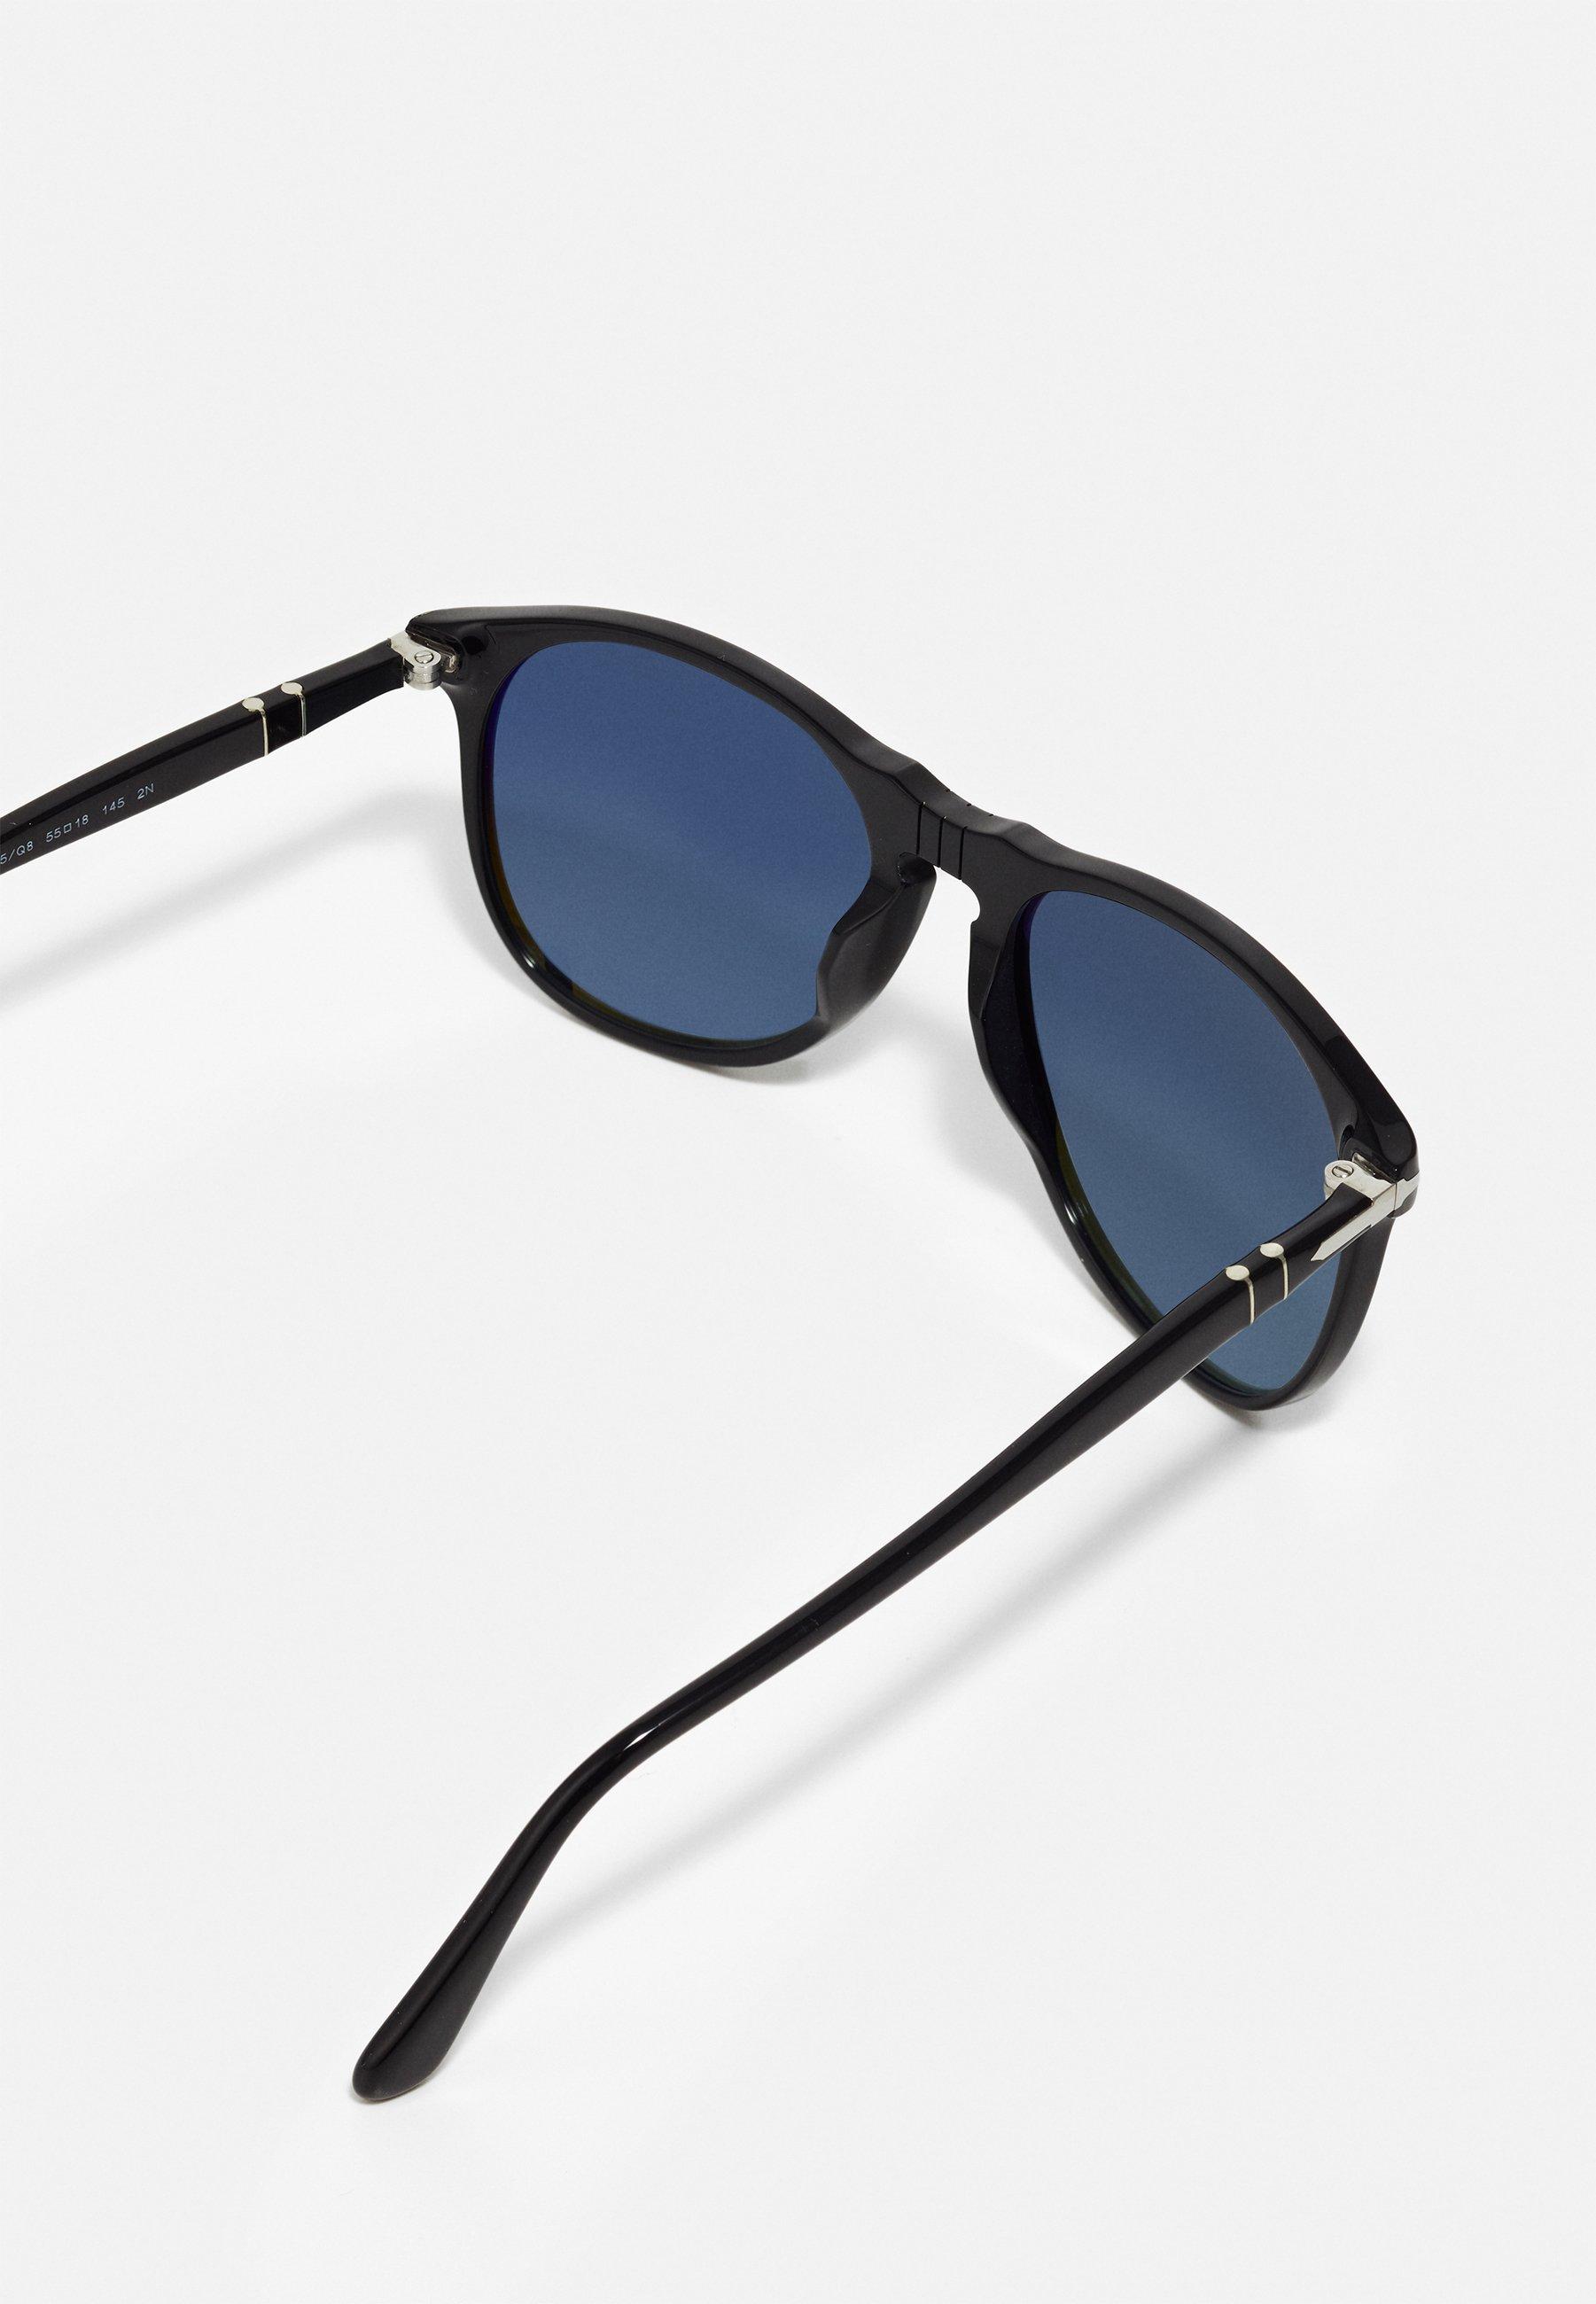 Persol Solbriller - black/mørkebrun D2M7TkCr2ziyrW1